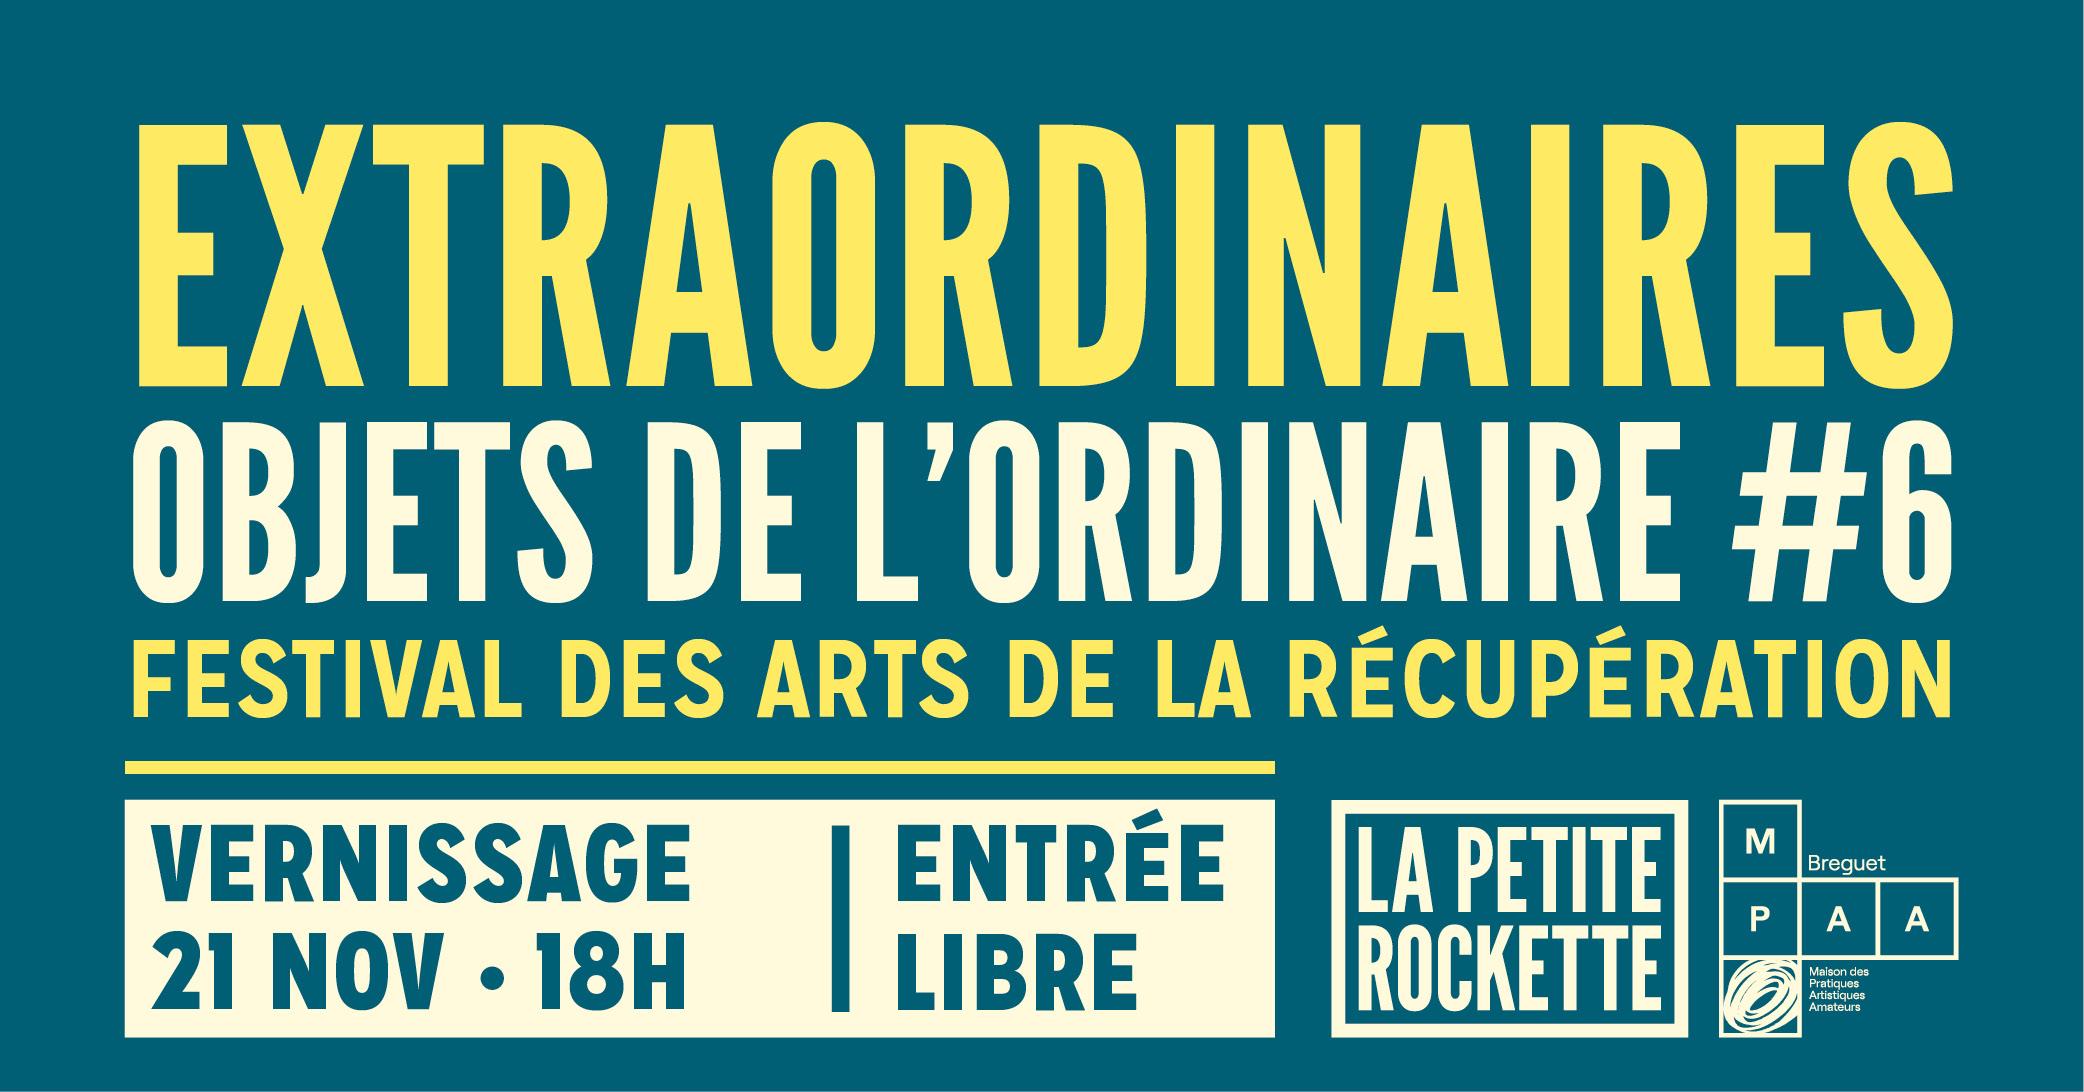 Vernissage Extraordinaires Objets de l'Ordinaire 6 MPAA LA Petite Rockette Festival des arts de la récup